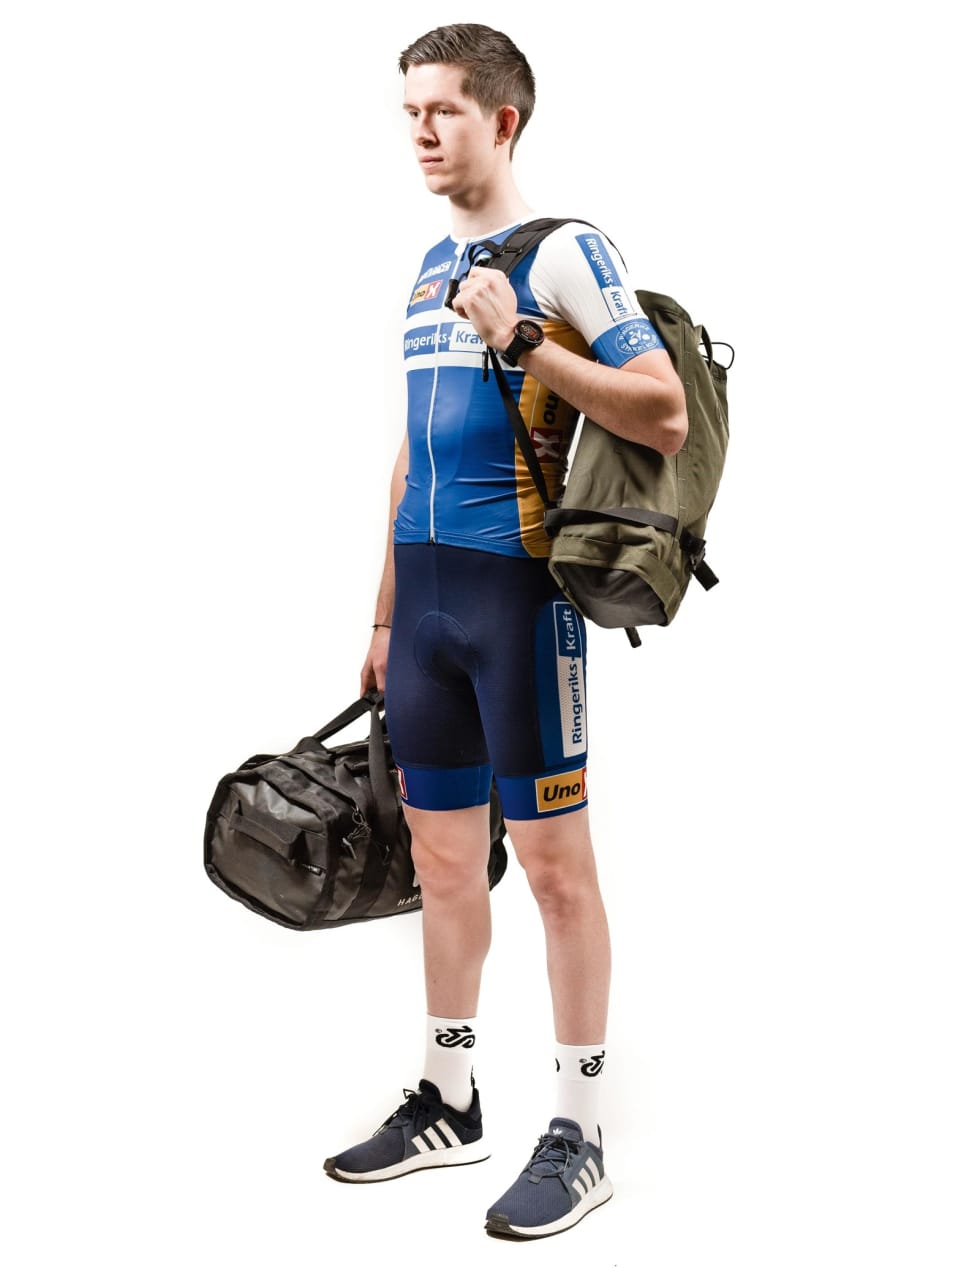 FØRSTE REISE - SISTE SJANSE: 2019 er siste året Daniel Ekløf kan kjøre i U23-klassen. Nå har han pakket tingene og for lengst reist til Italia.